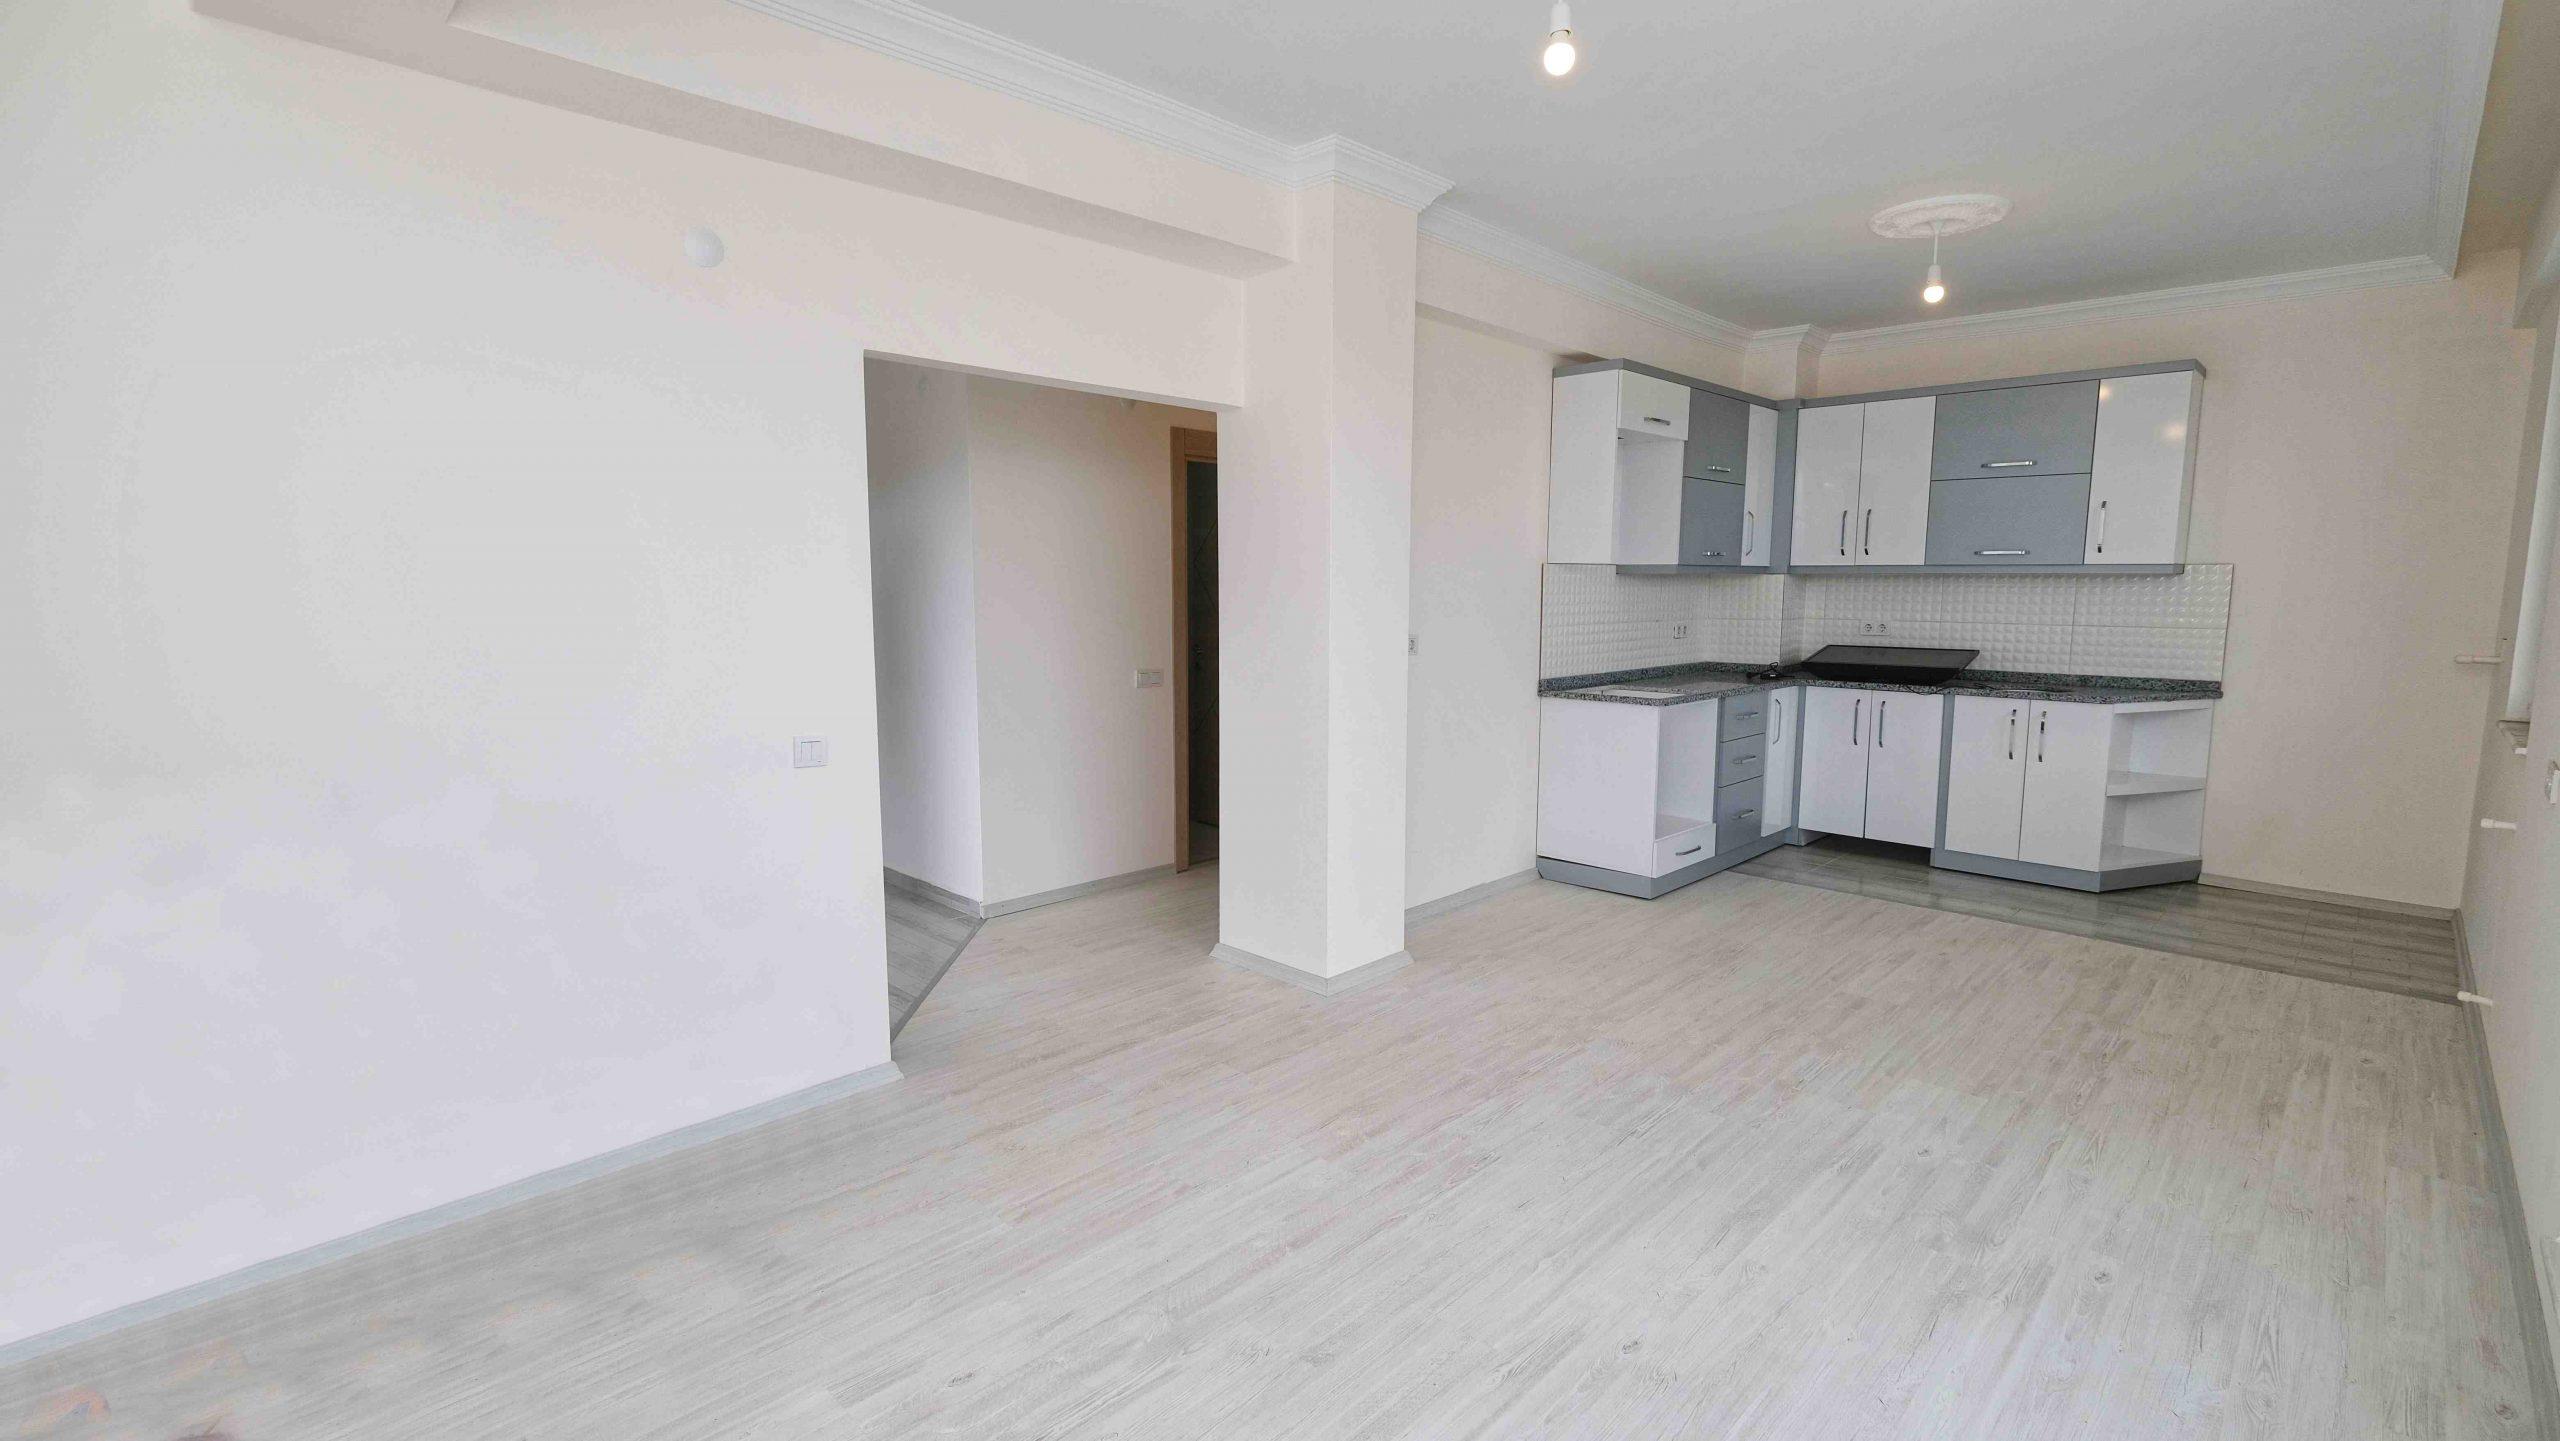 Двухэтажный дуплекс 3+1 в Анталье - Фото 4